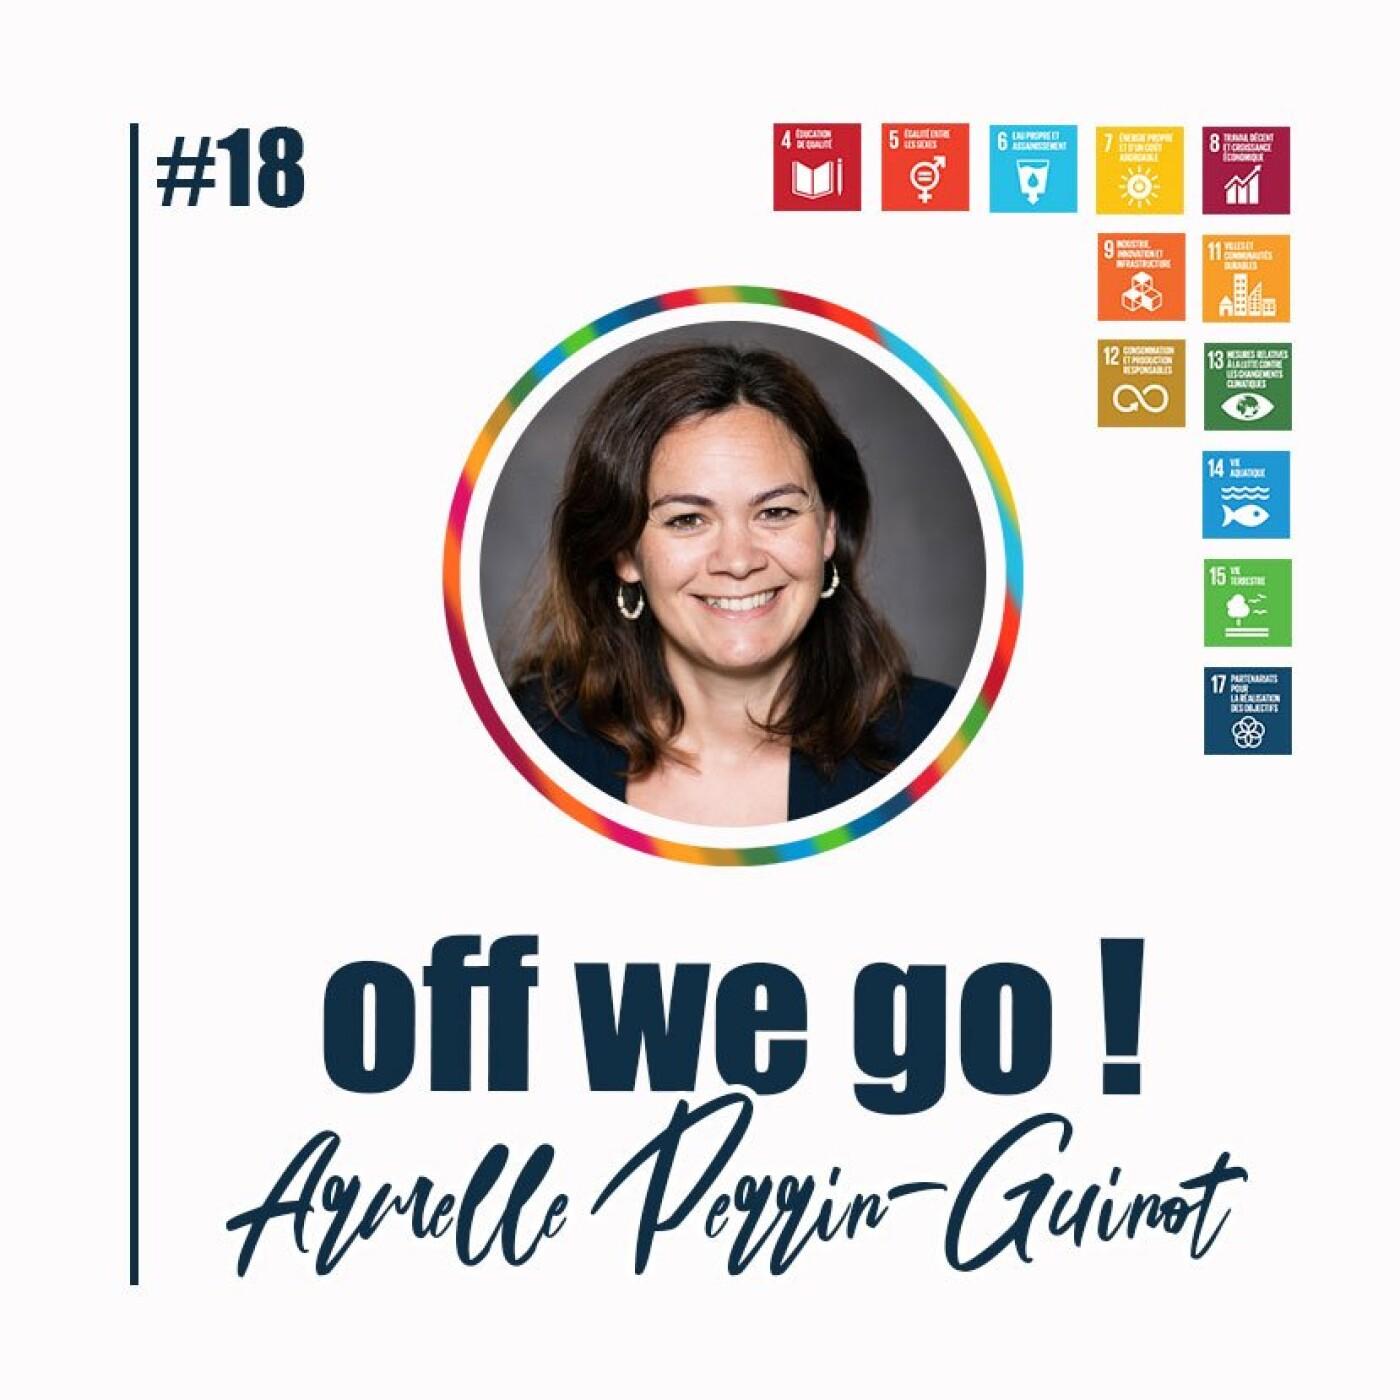 La performance plurielle au service de la transition écologique - Armelle Perrin-Guinot